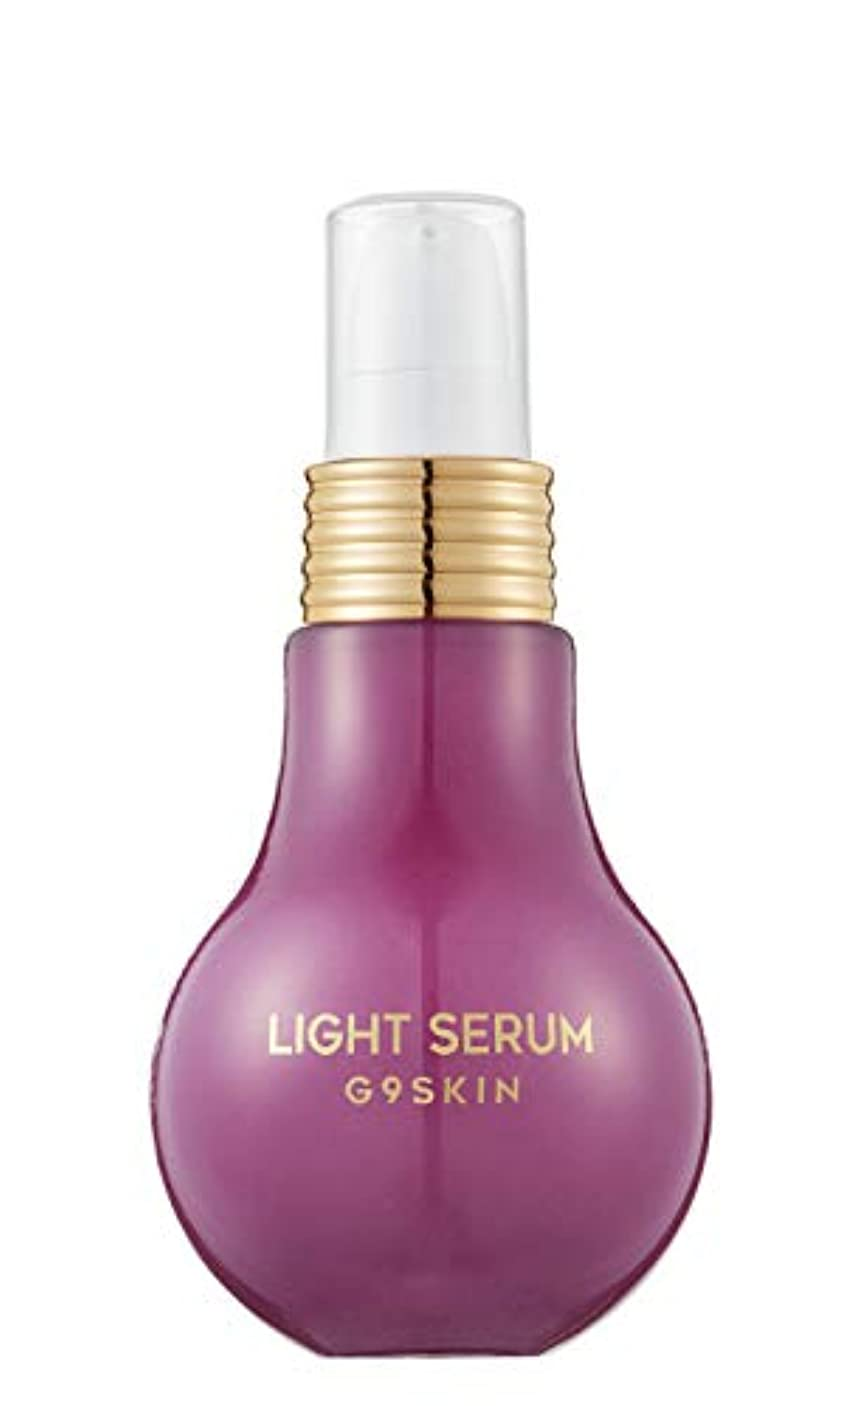 イースター行ディレクトリ[G9SKIN/G9スキン] Light Serum Collagen&Panthenol/コラーゲン+パンテノール | 50ml 電球セラム 光セラム SkinGarden/スキンガーデン (コラーゲン&パンテノール)